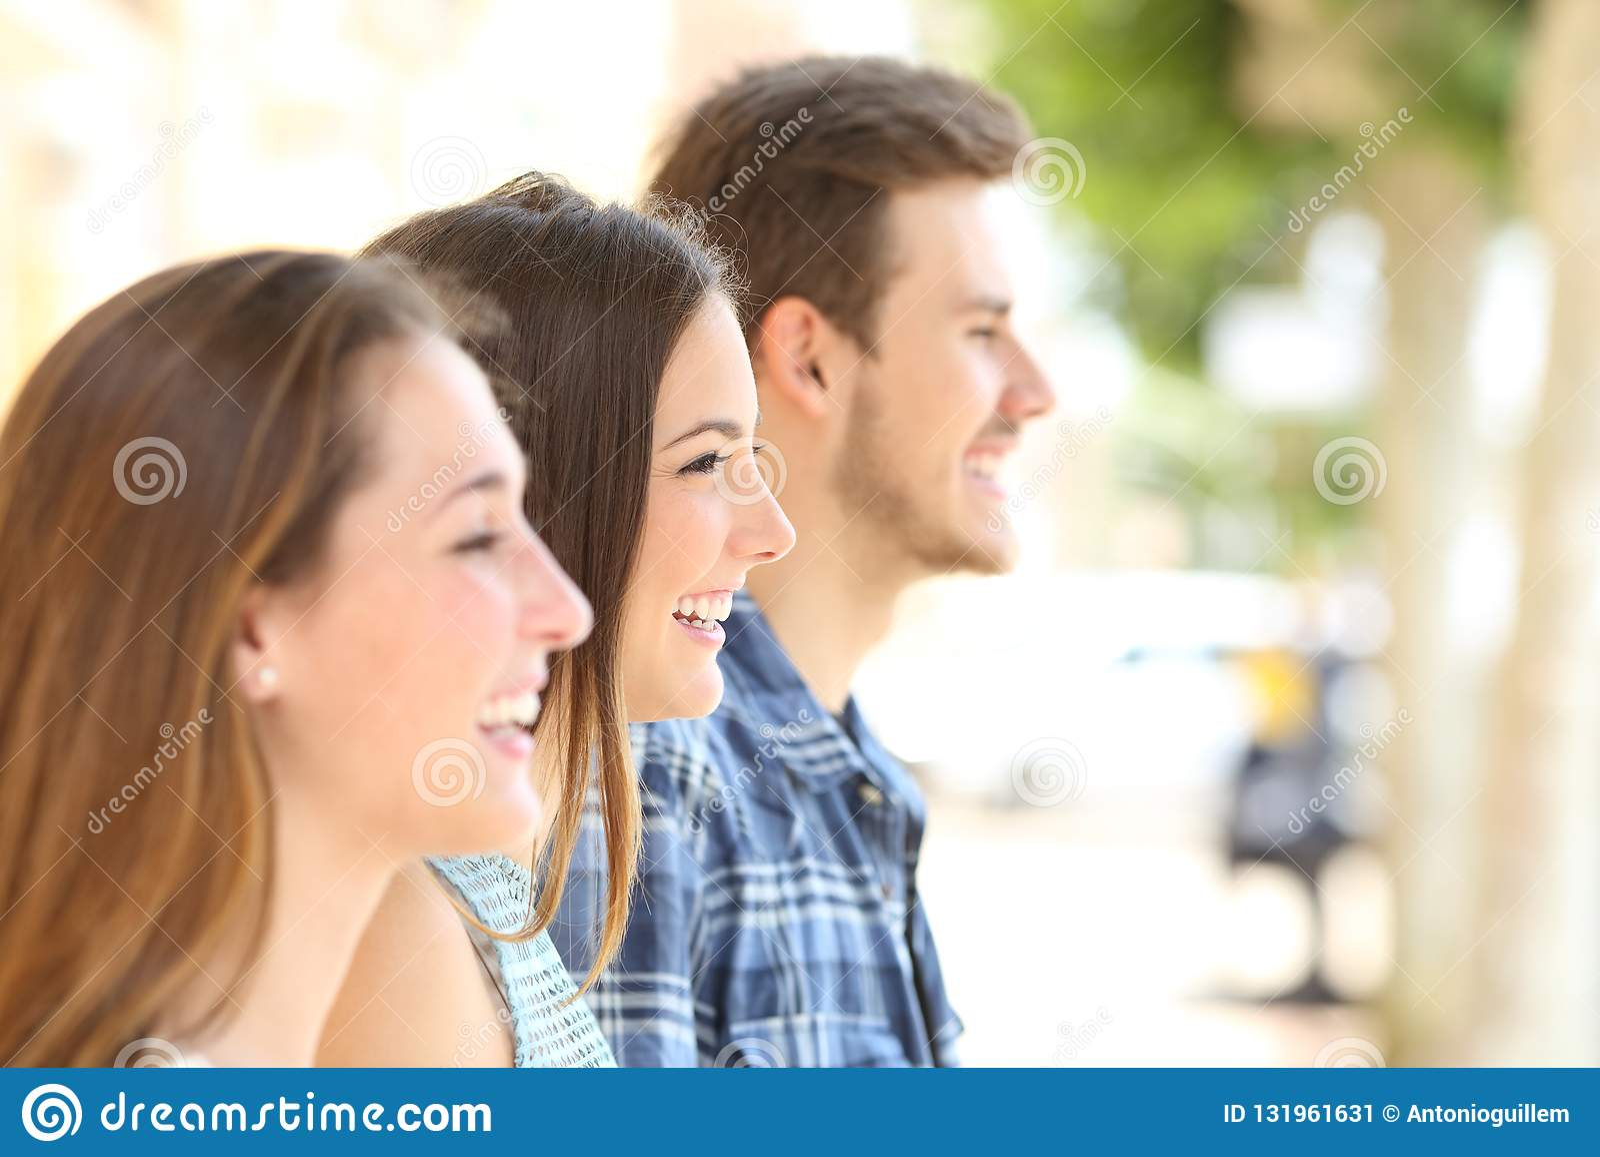 Profiel van drie vrienden die weg in de straat kijken